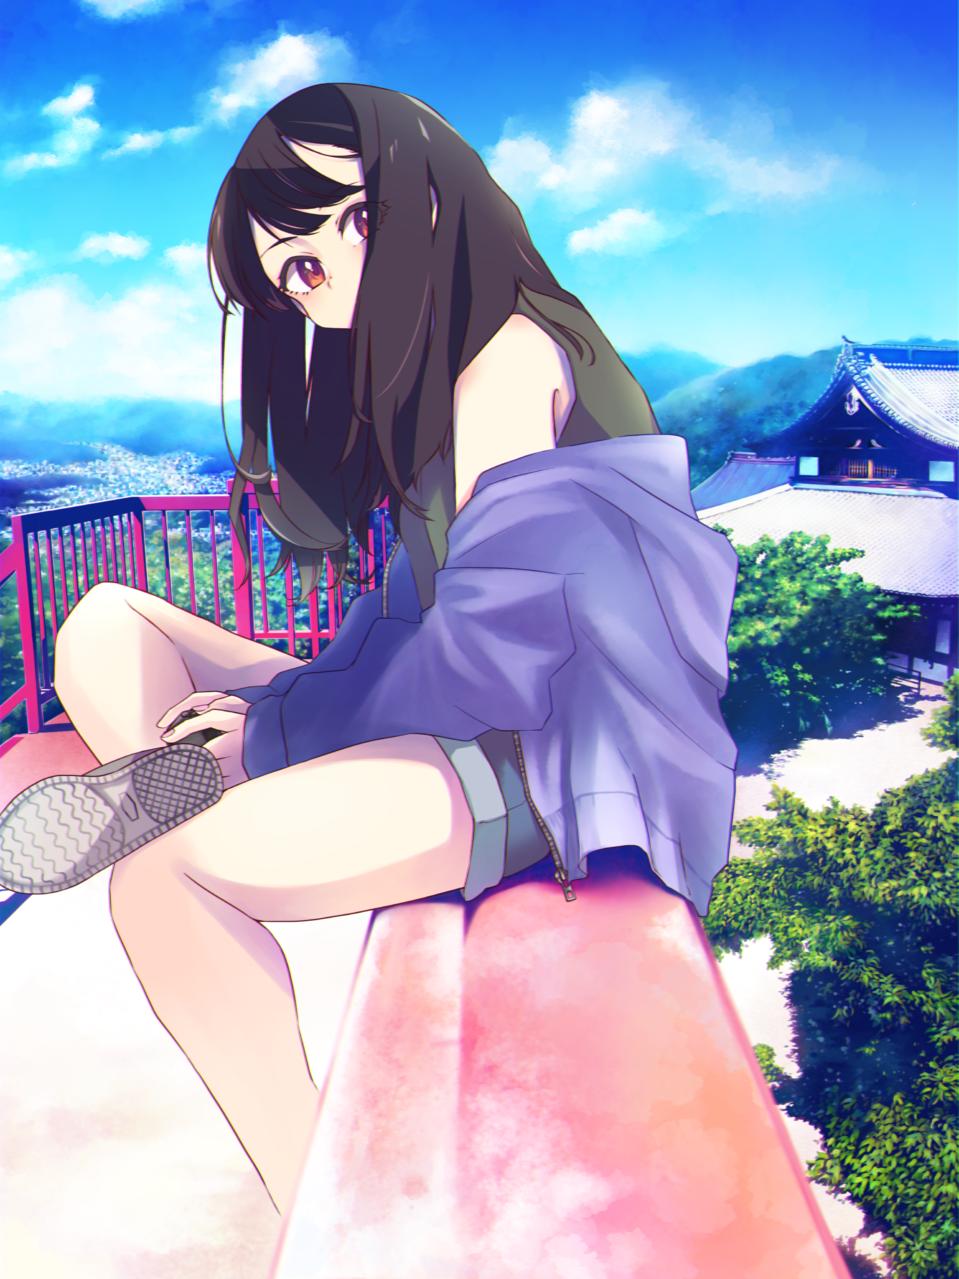 絶景 Illust of ひろみ kyoto-illust2019 Jul.2019Contest